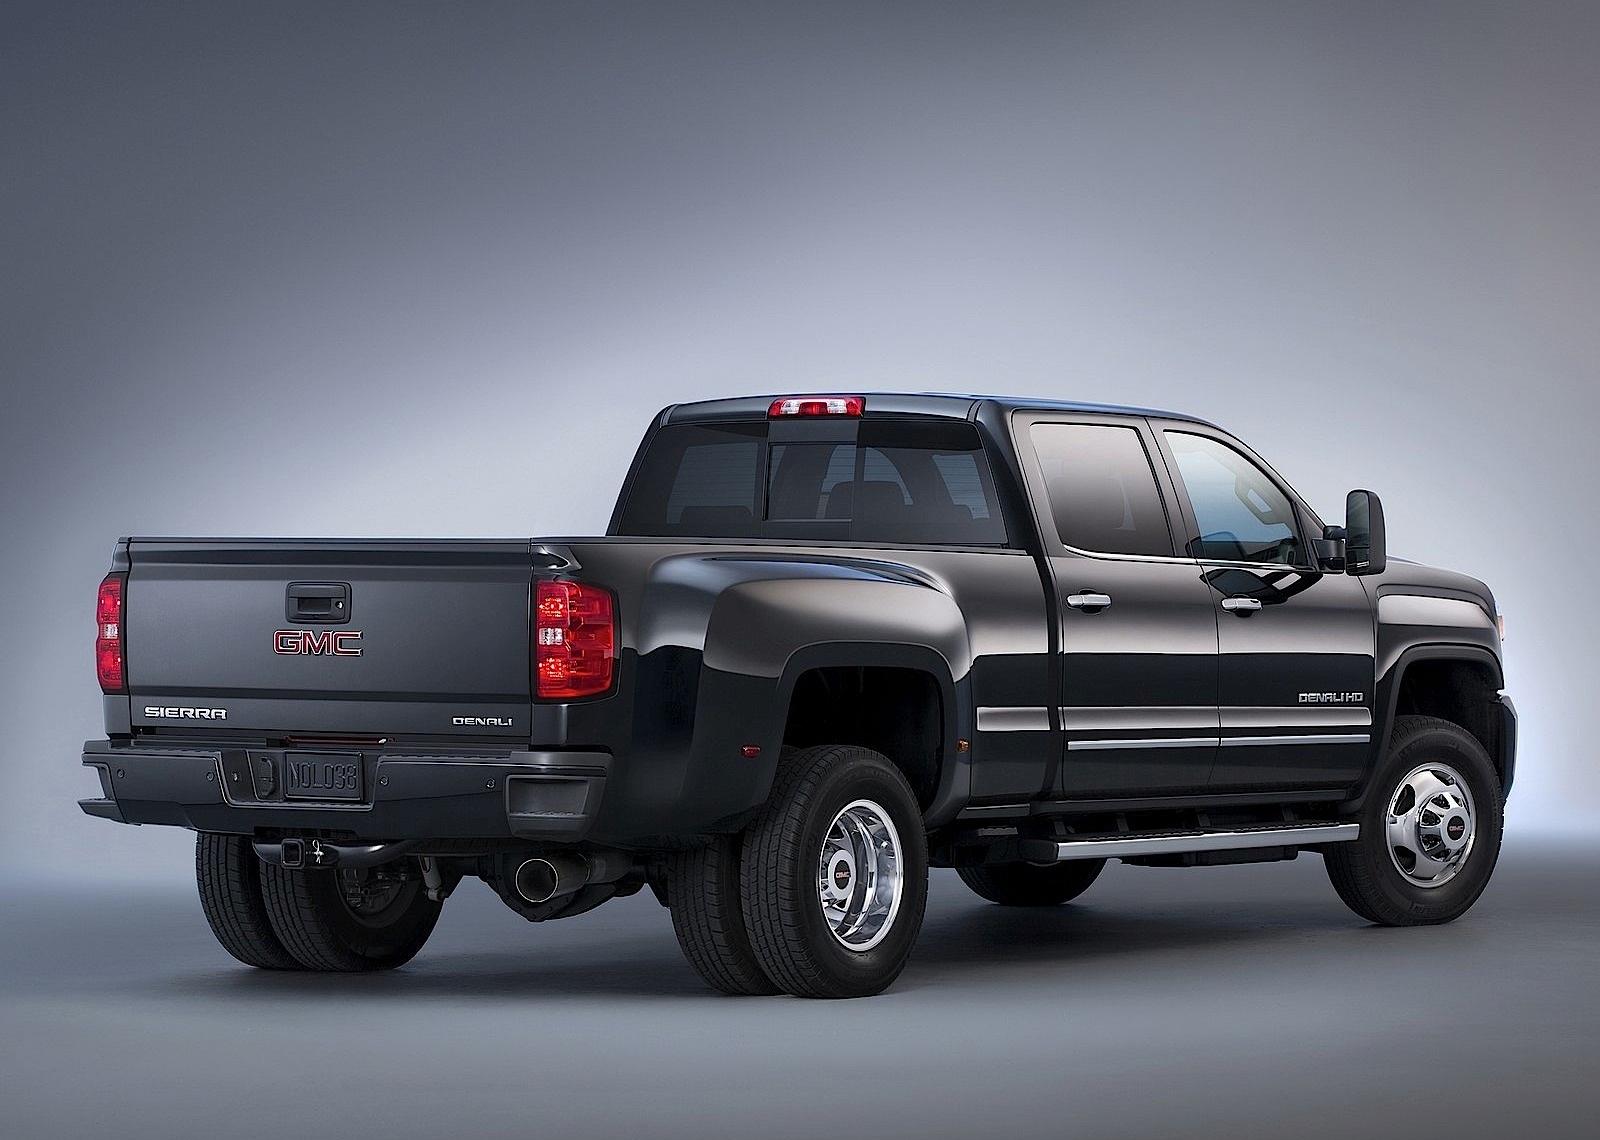 2015 Sierra Gmc 3500